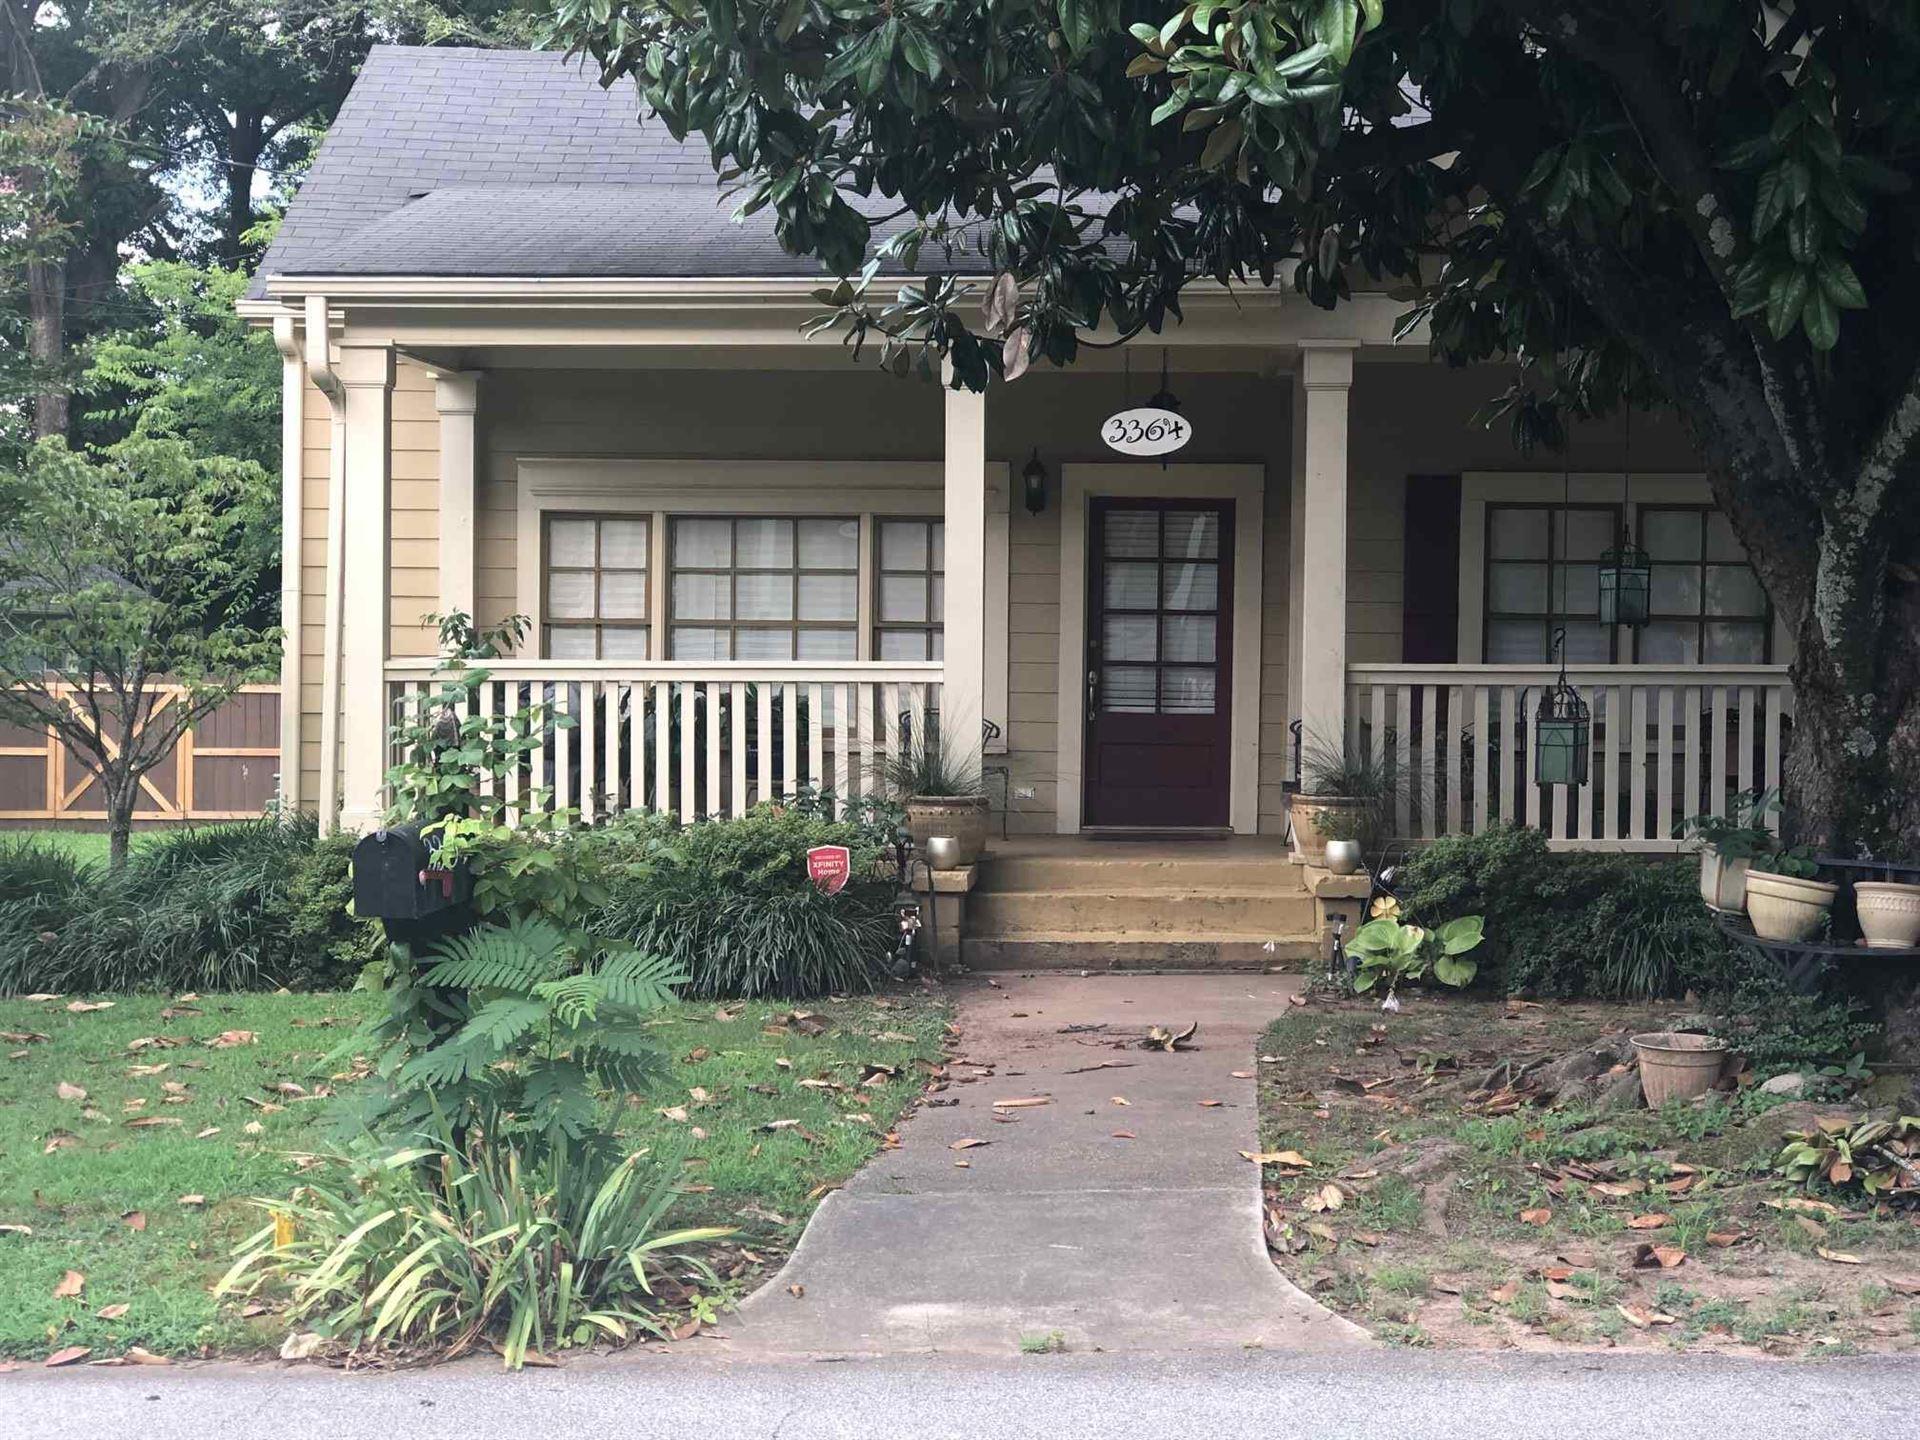 3364 Bachelor St, Atlanta, GA 30344 - #: 8831723